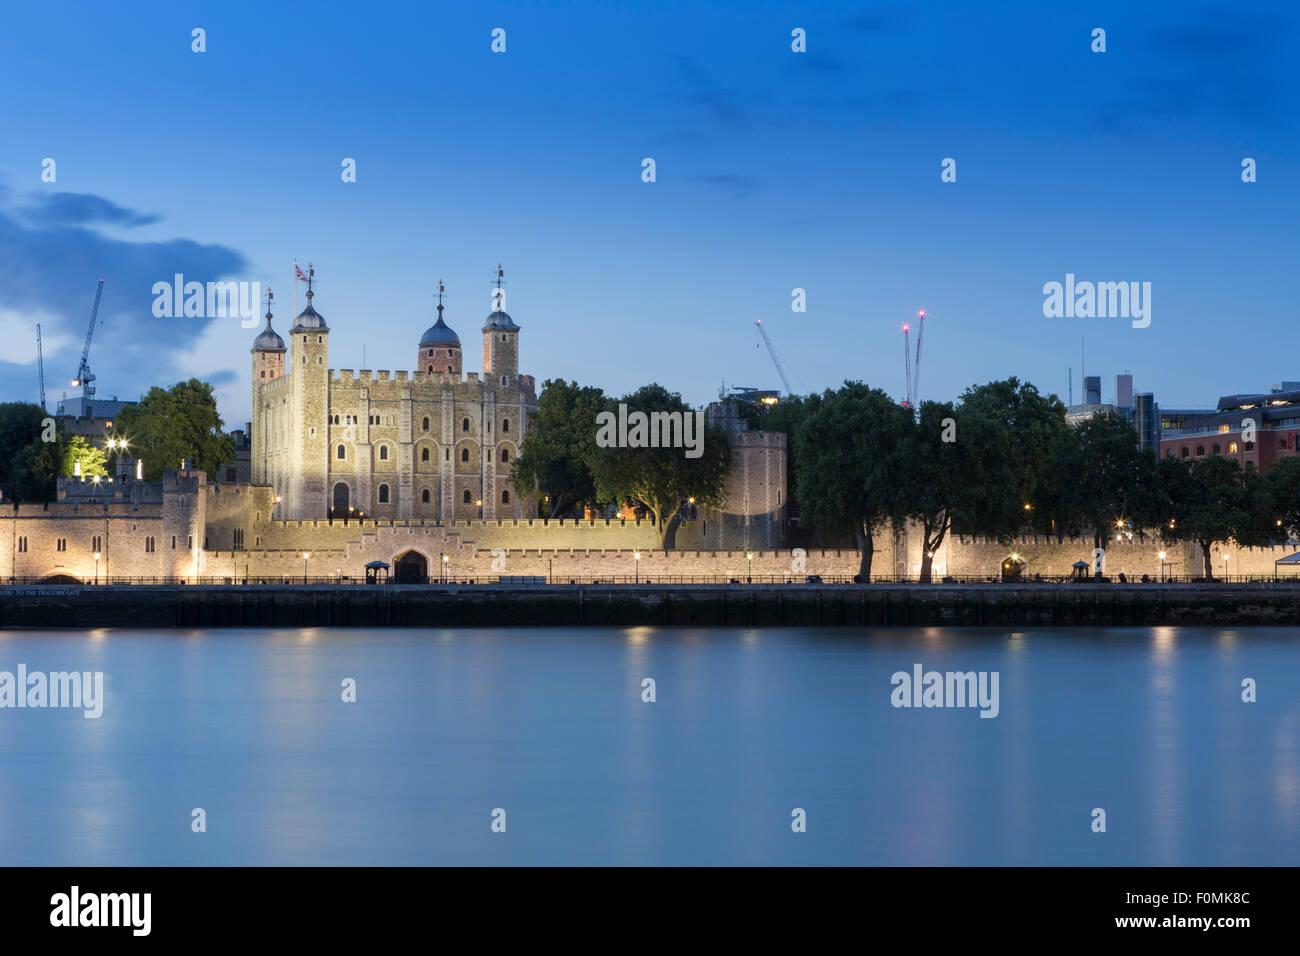 Der Tower von London, London Schloss, dem königlichen Palast und mittelalterlichen Gefängnis in London, Stockbild